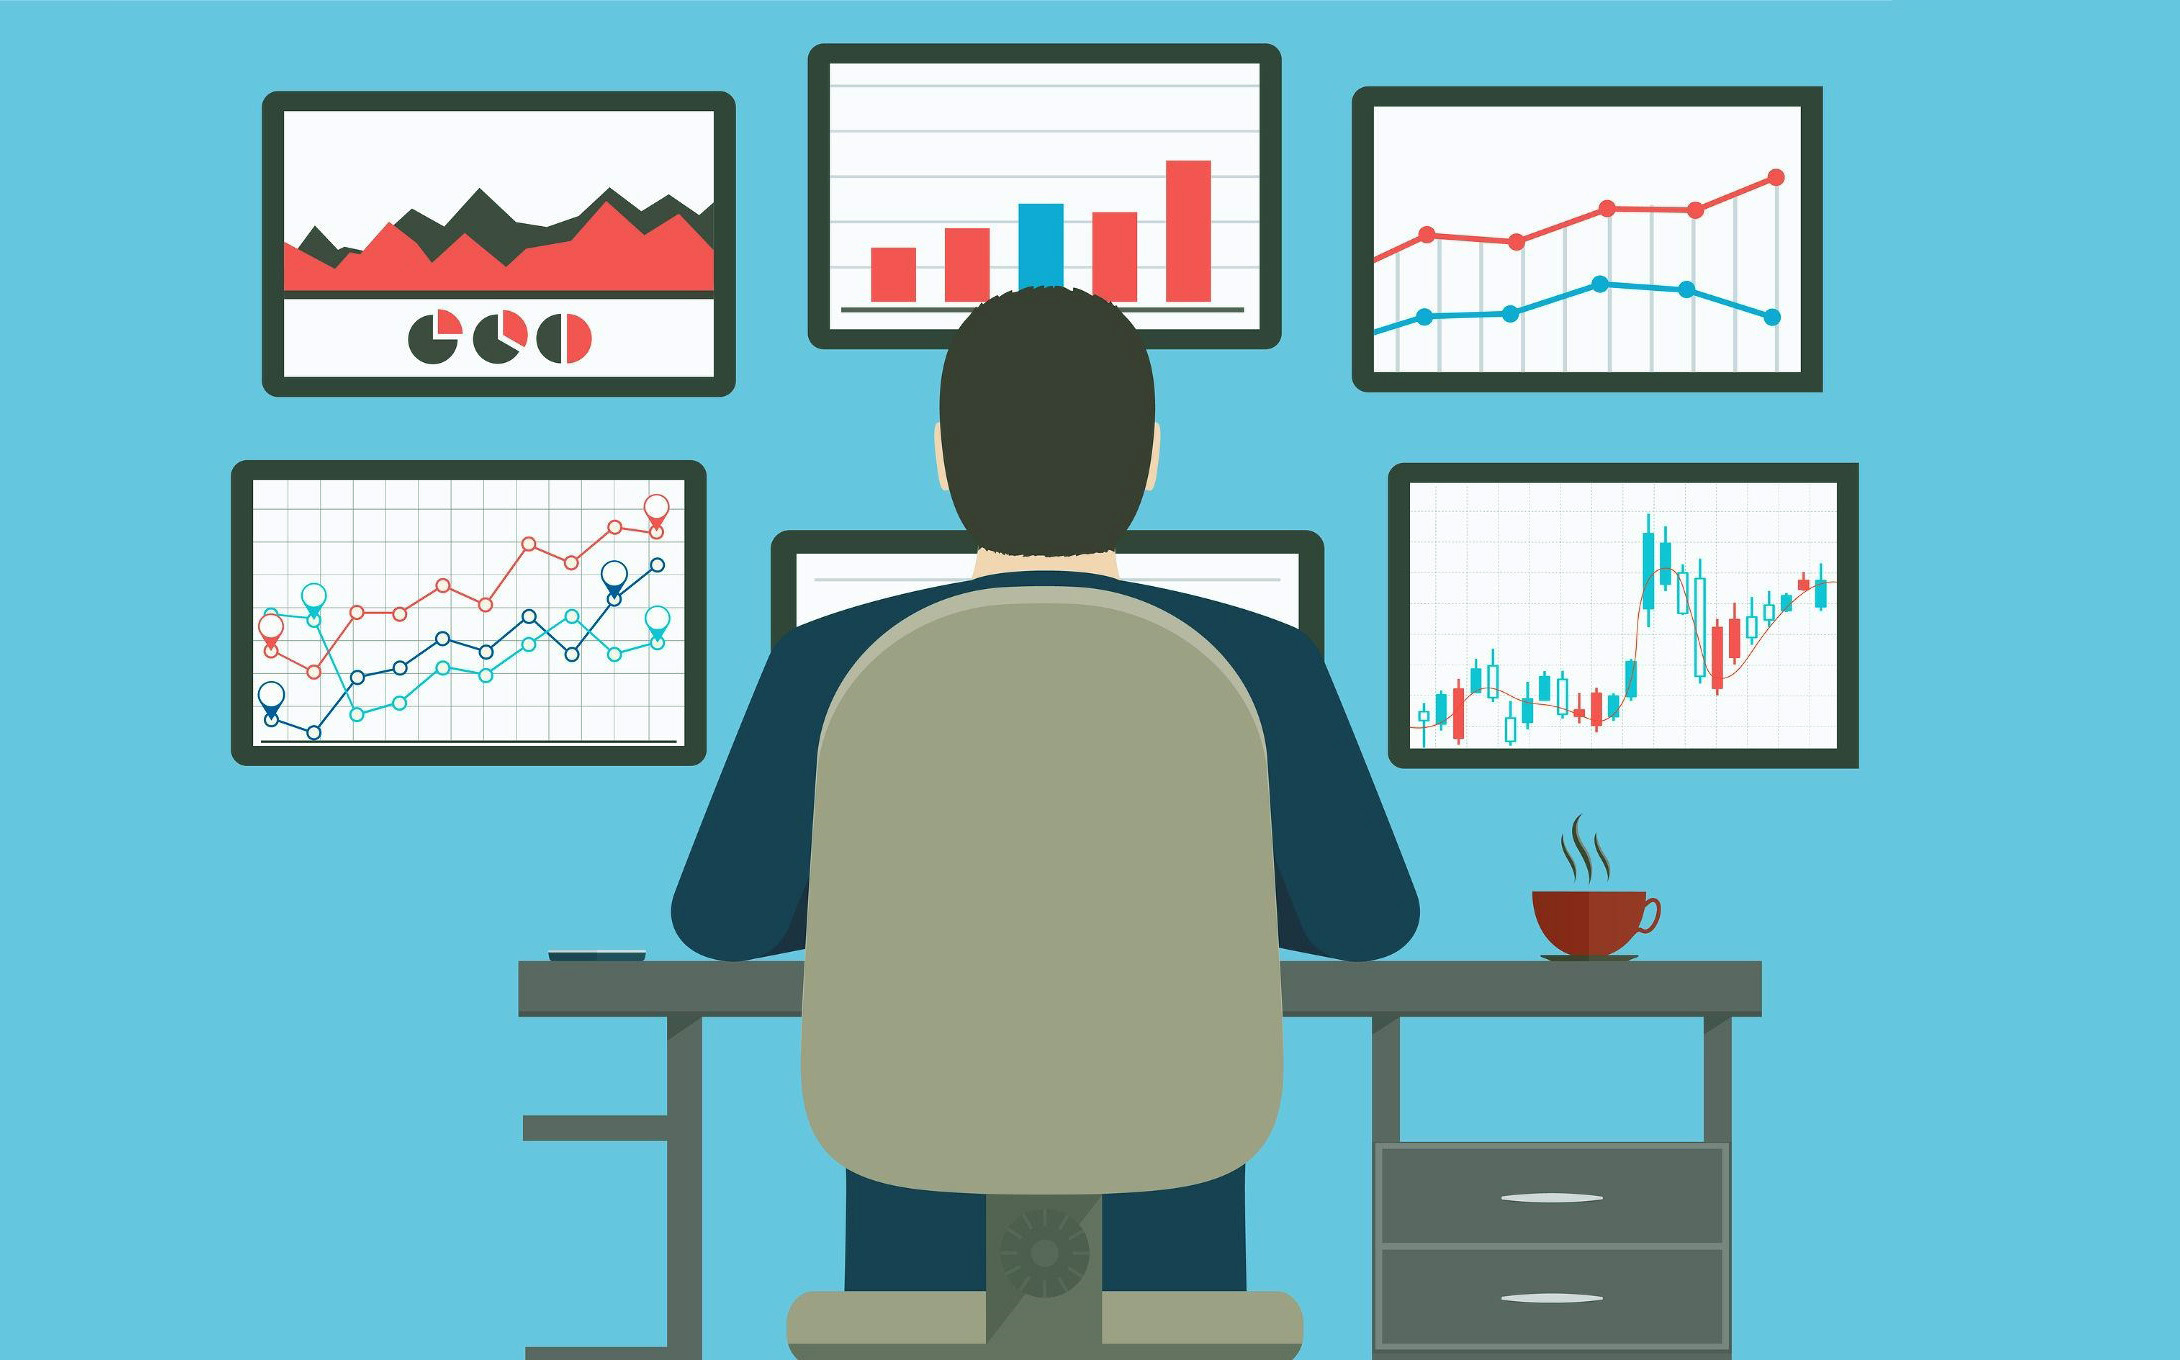 организация и запуск рекламной кампании в интернете